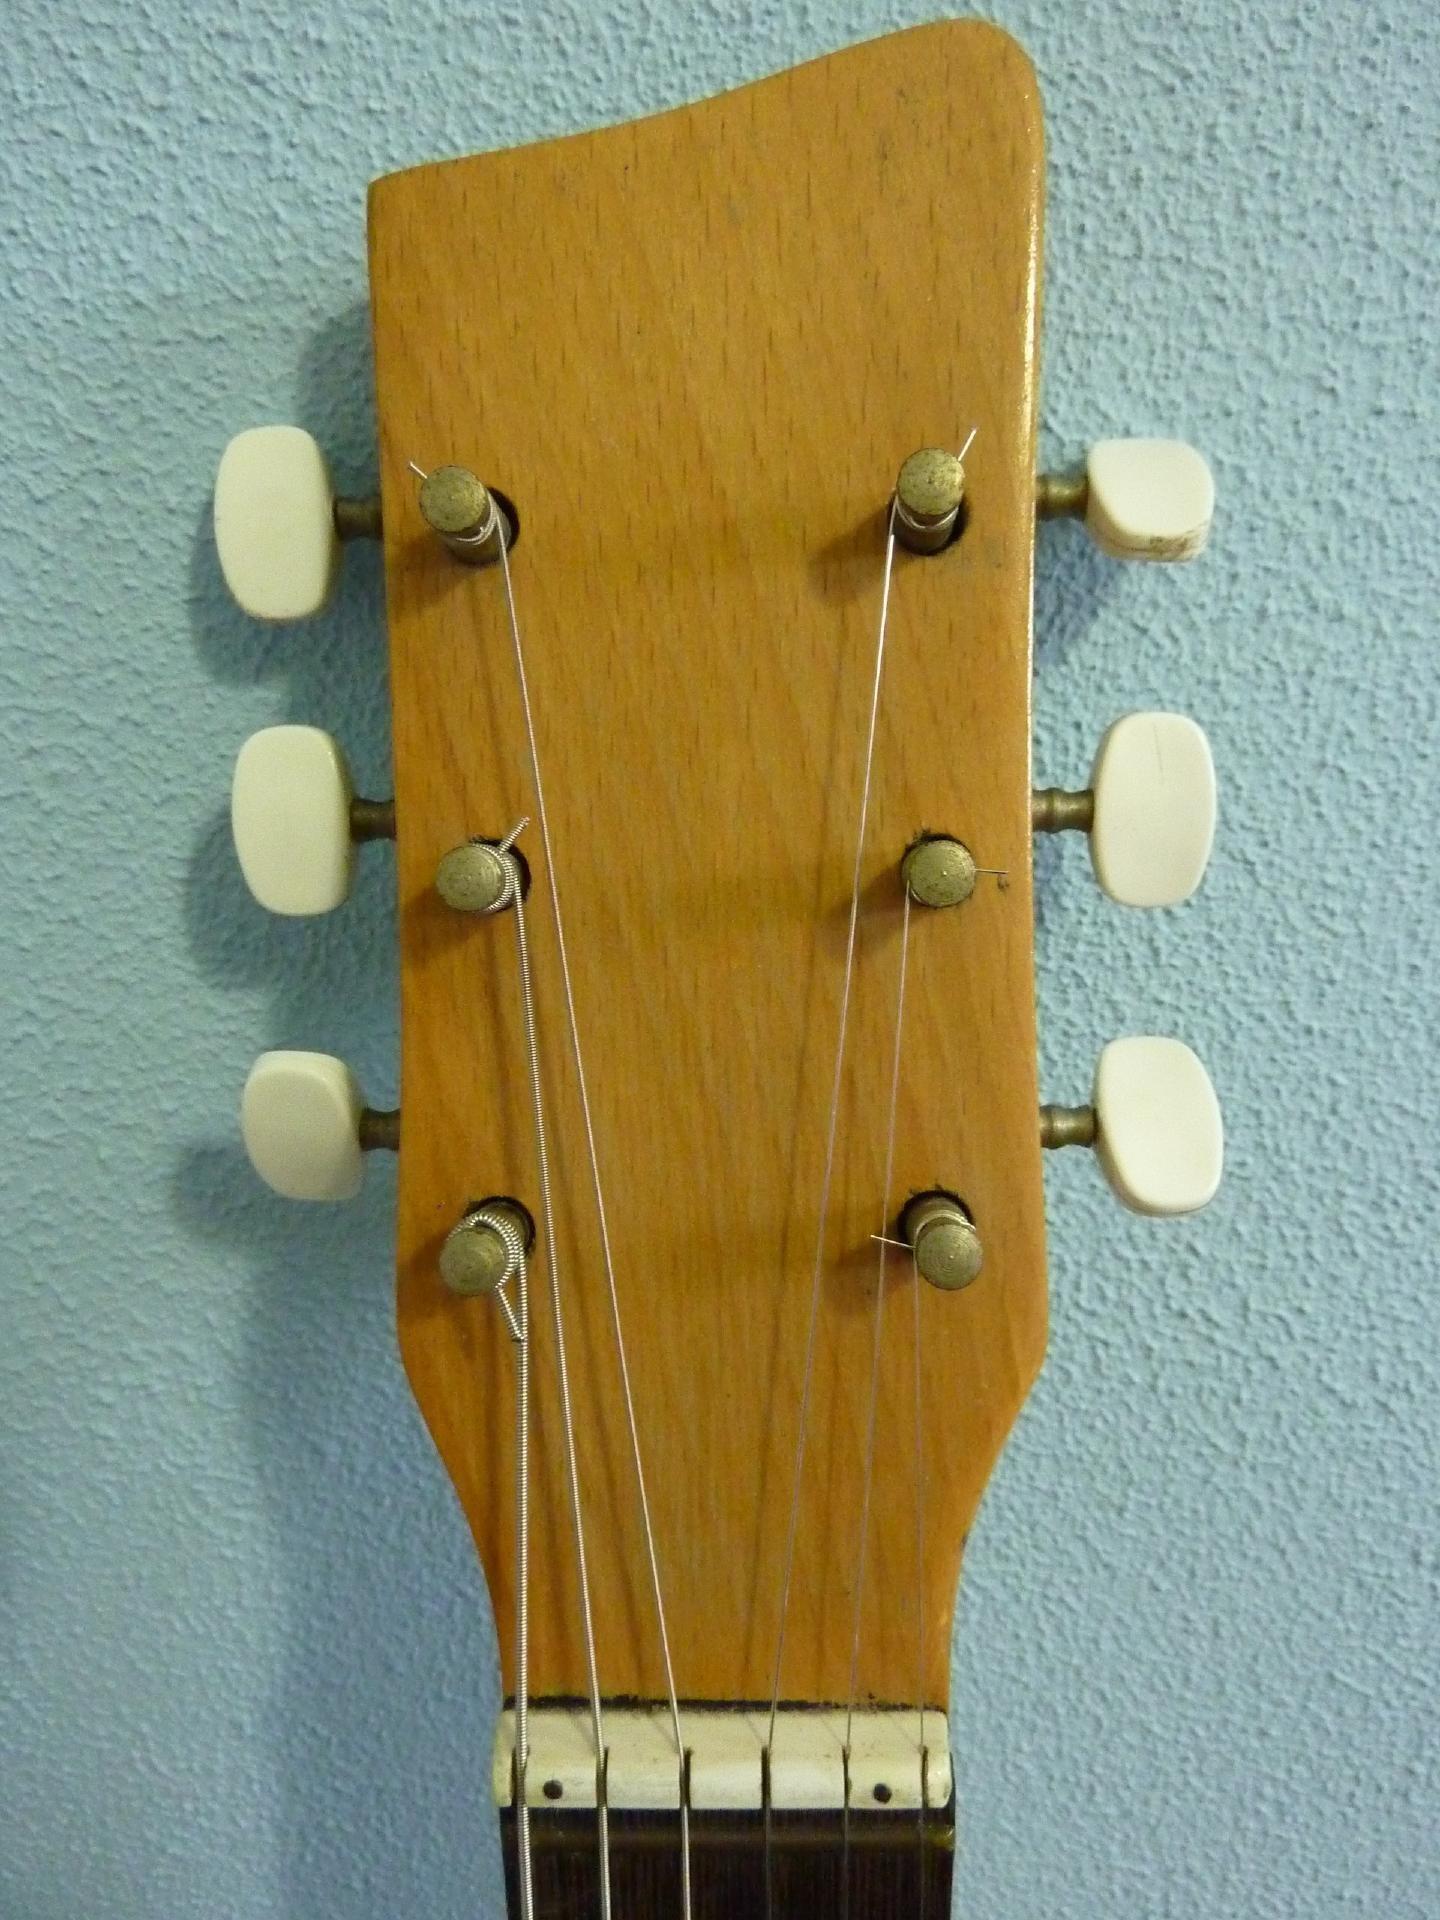 1961 egmond manhattan buy vintage egmond guitar at hender amps vintage guitar shop. Black Bedroom Furniture Sets. Home Design Ideas